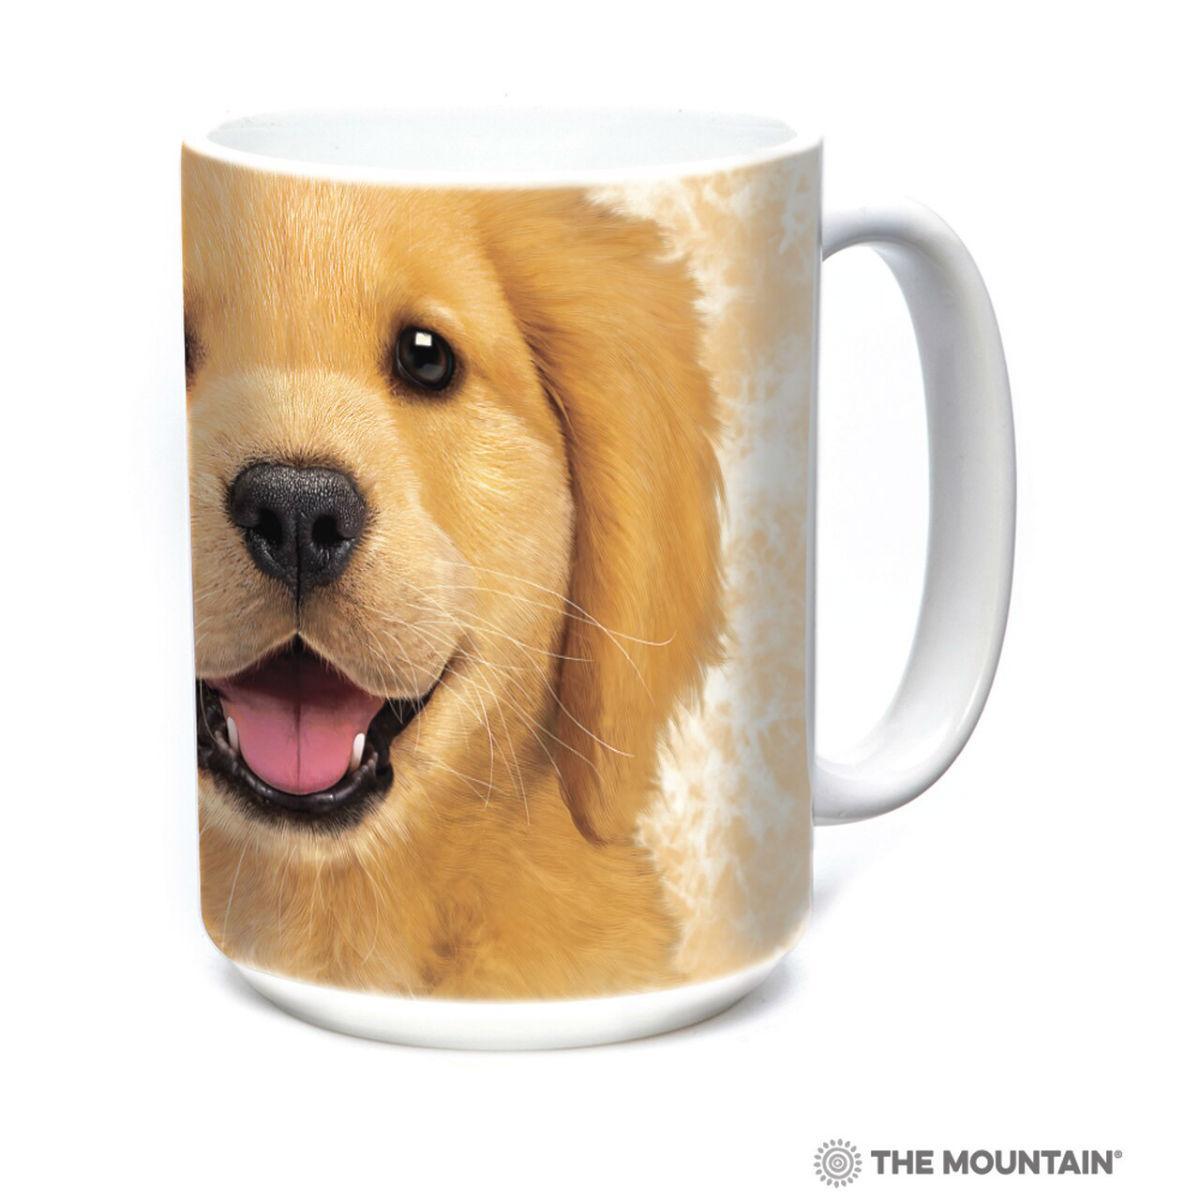 Golden Retriever Puppy Ceramic Mug by The Mountain